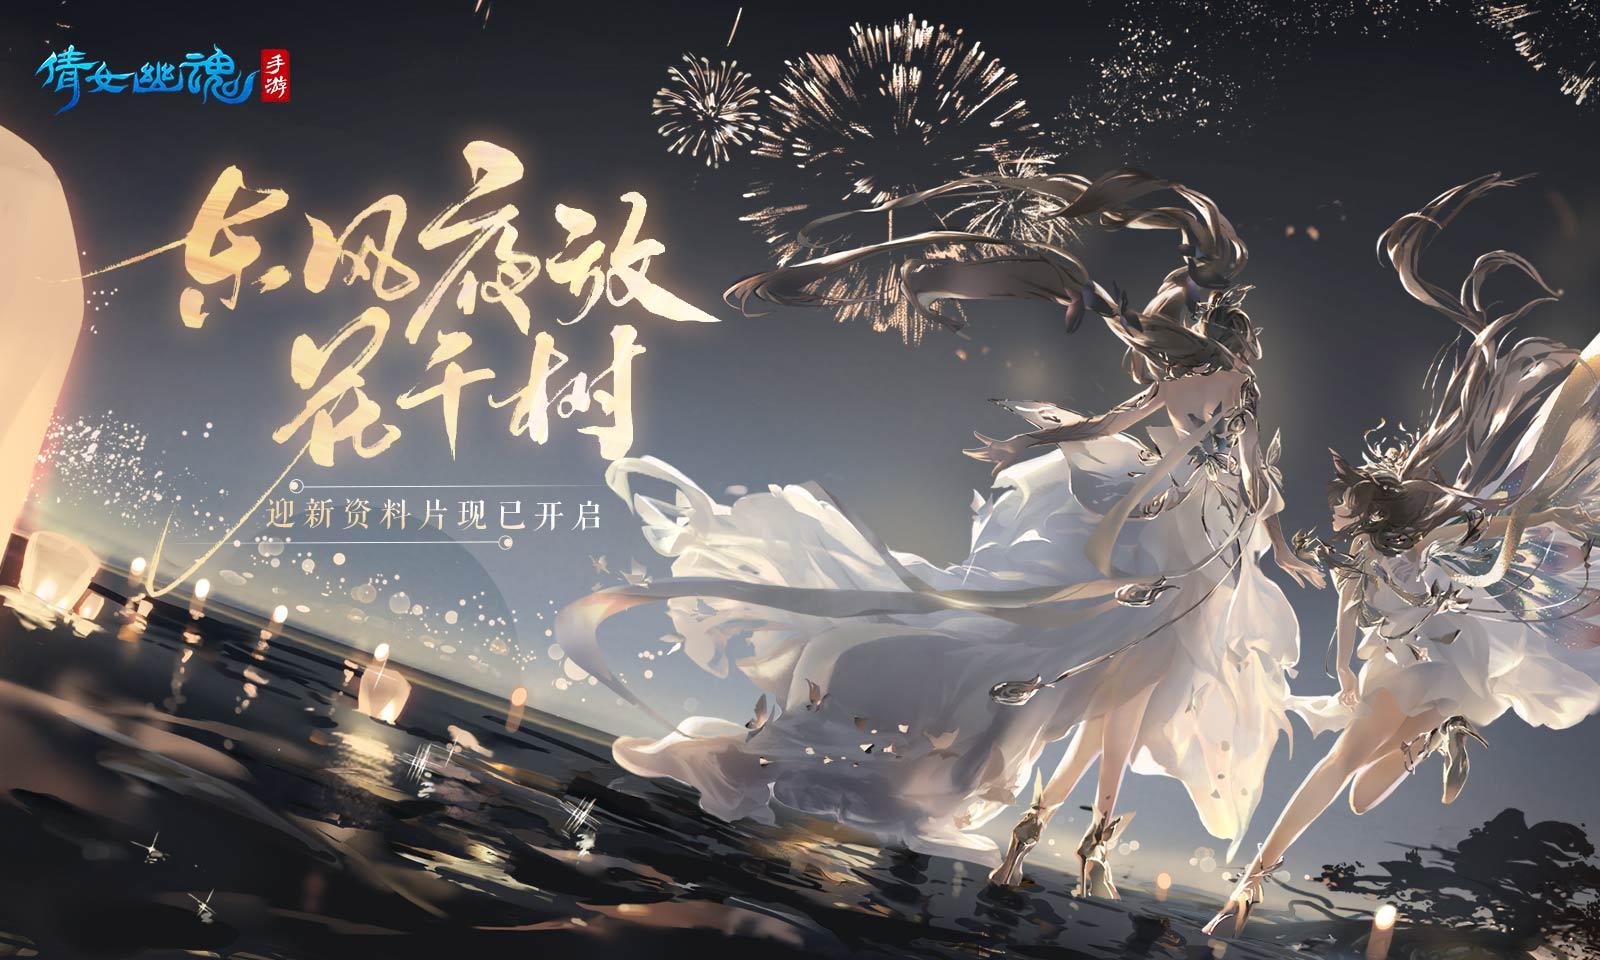 倩女幽魂(2.0版本)